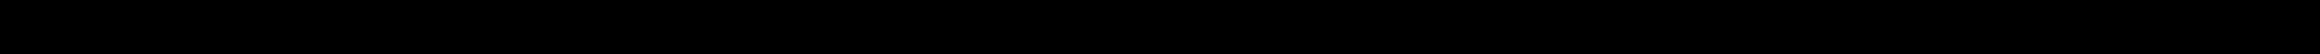 METZGER 12 822 141 Δακτύλιος αισθητήρα, ABS